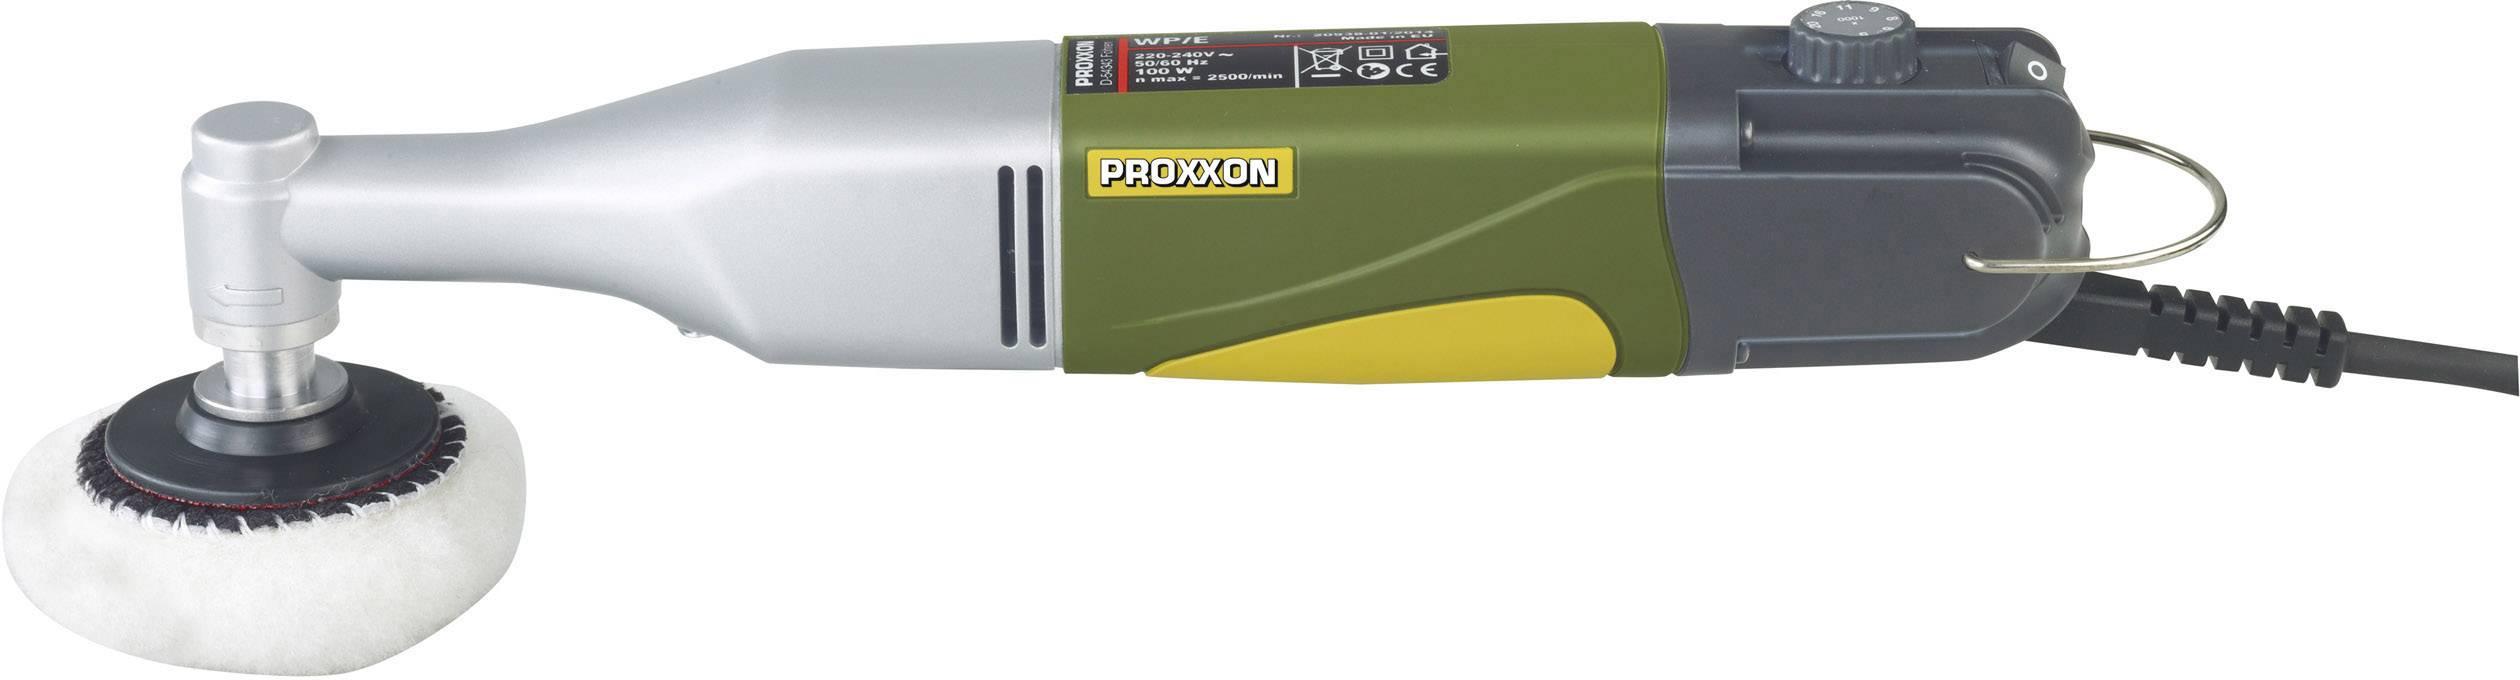 Proxxon Micromot WP/E vr. príslušenstva, 18-dielna, 100 W